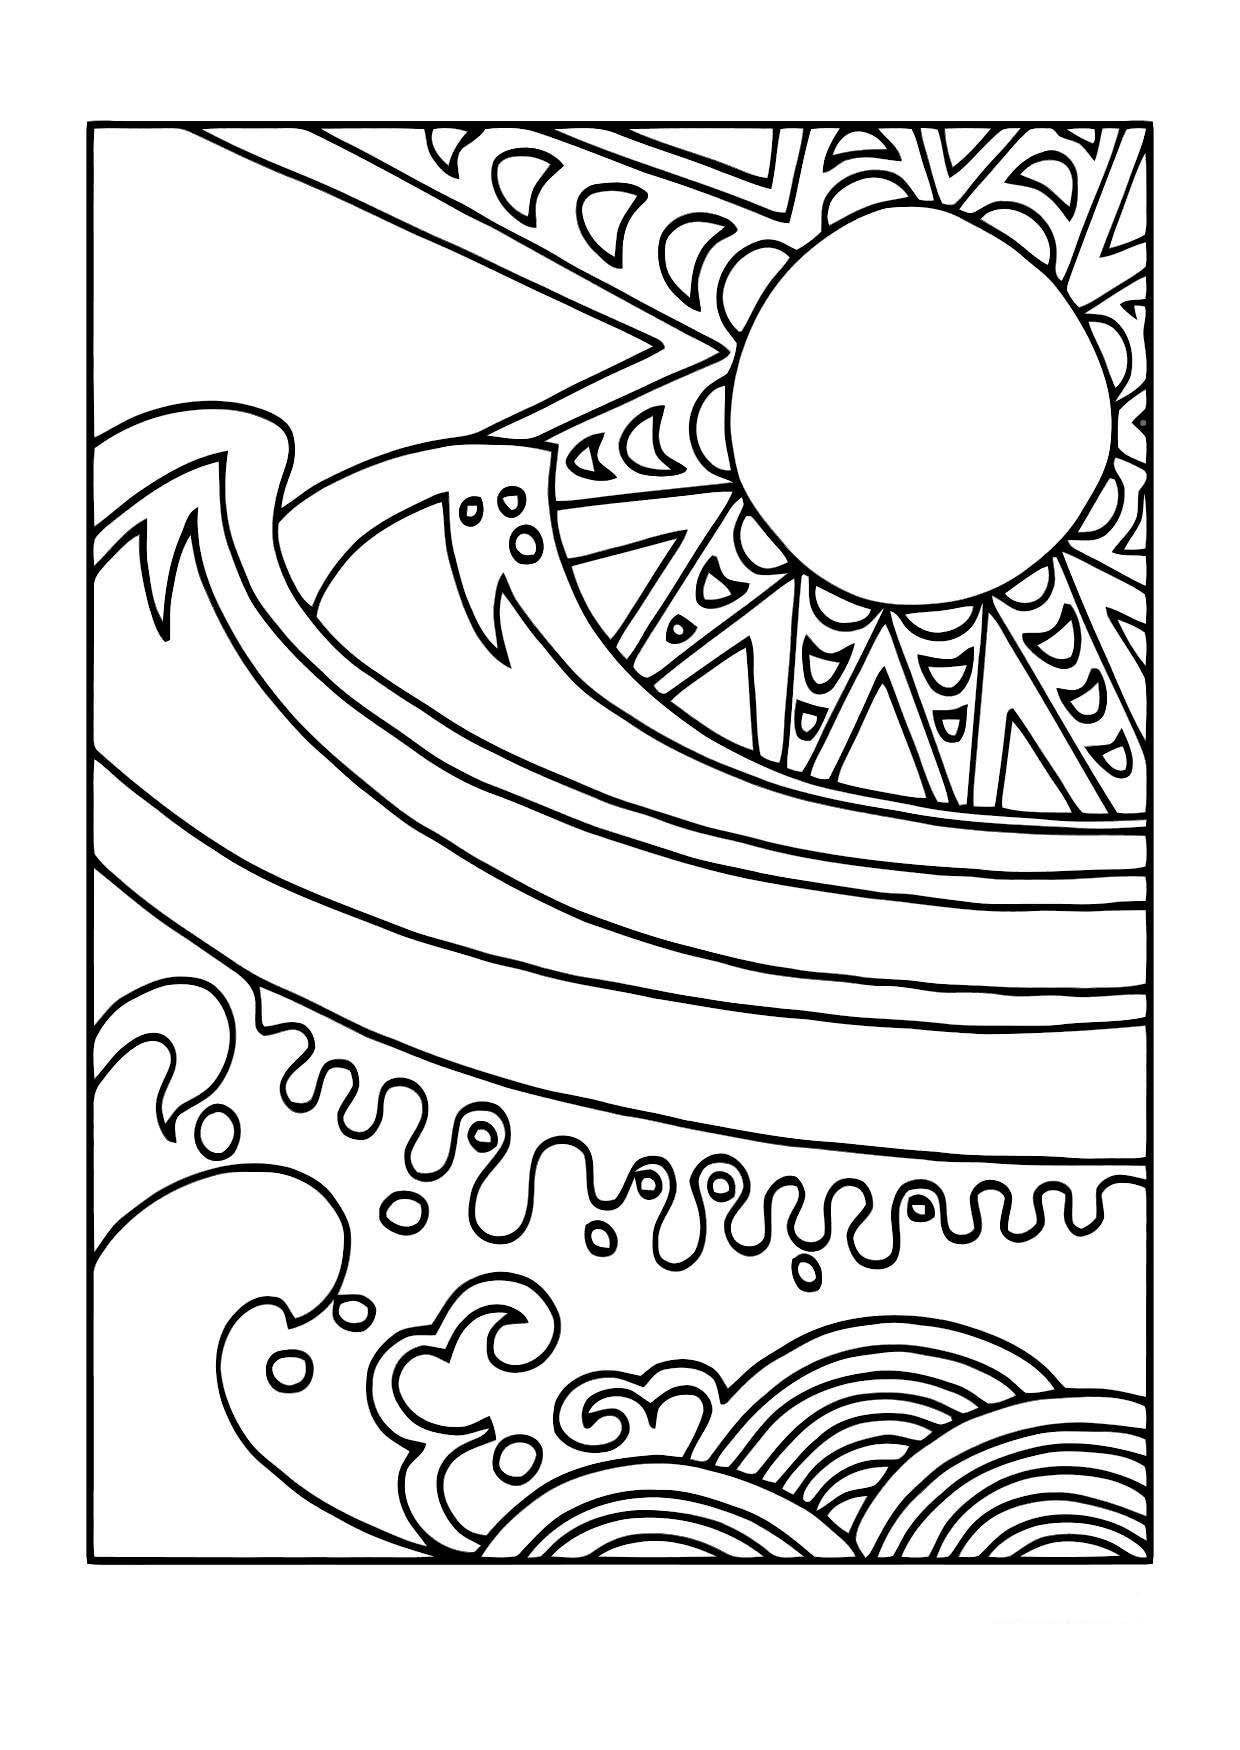 Malvorlage Sonne und Meer Ausmalbild 11440